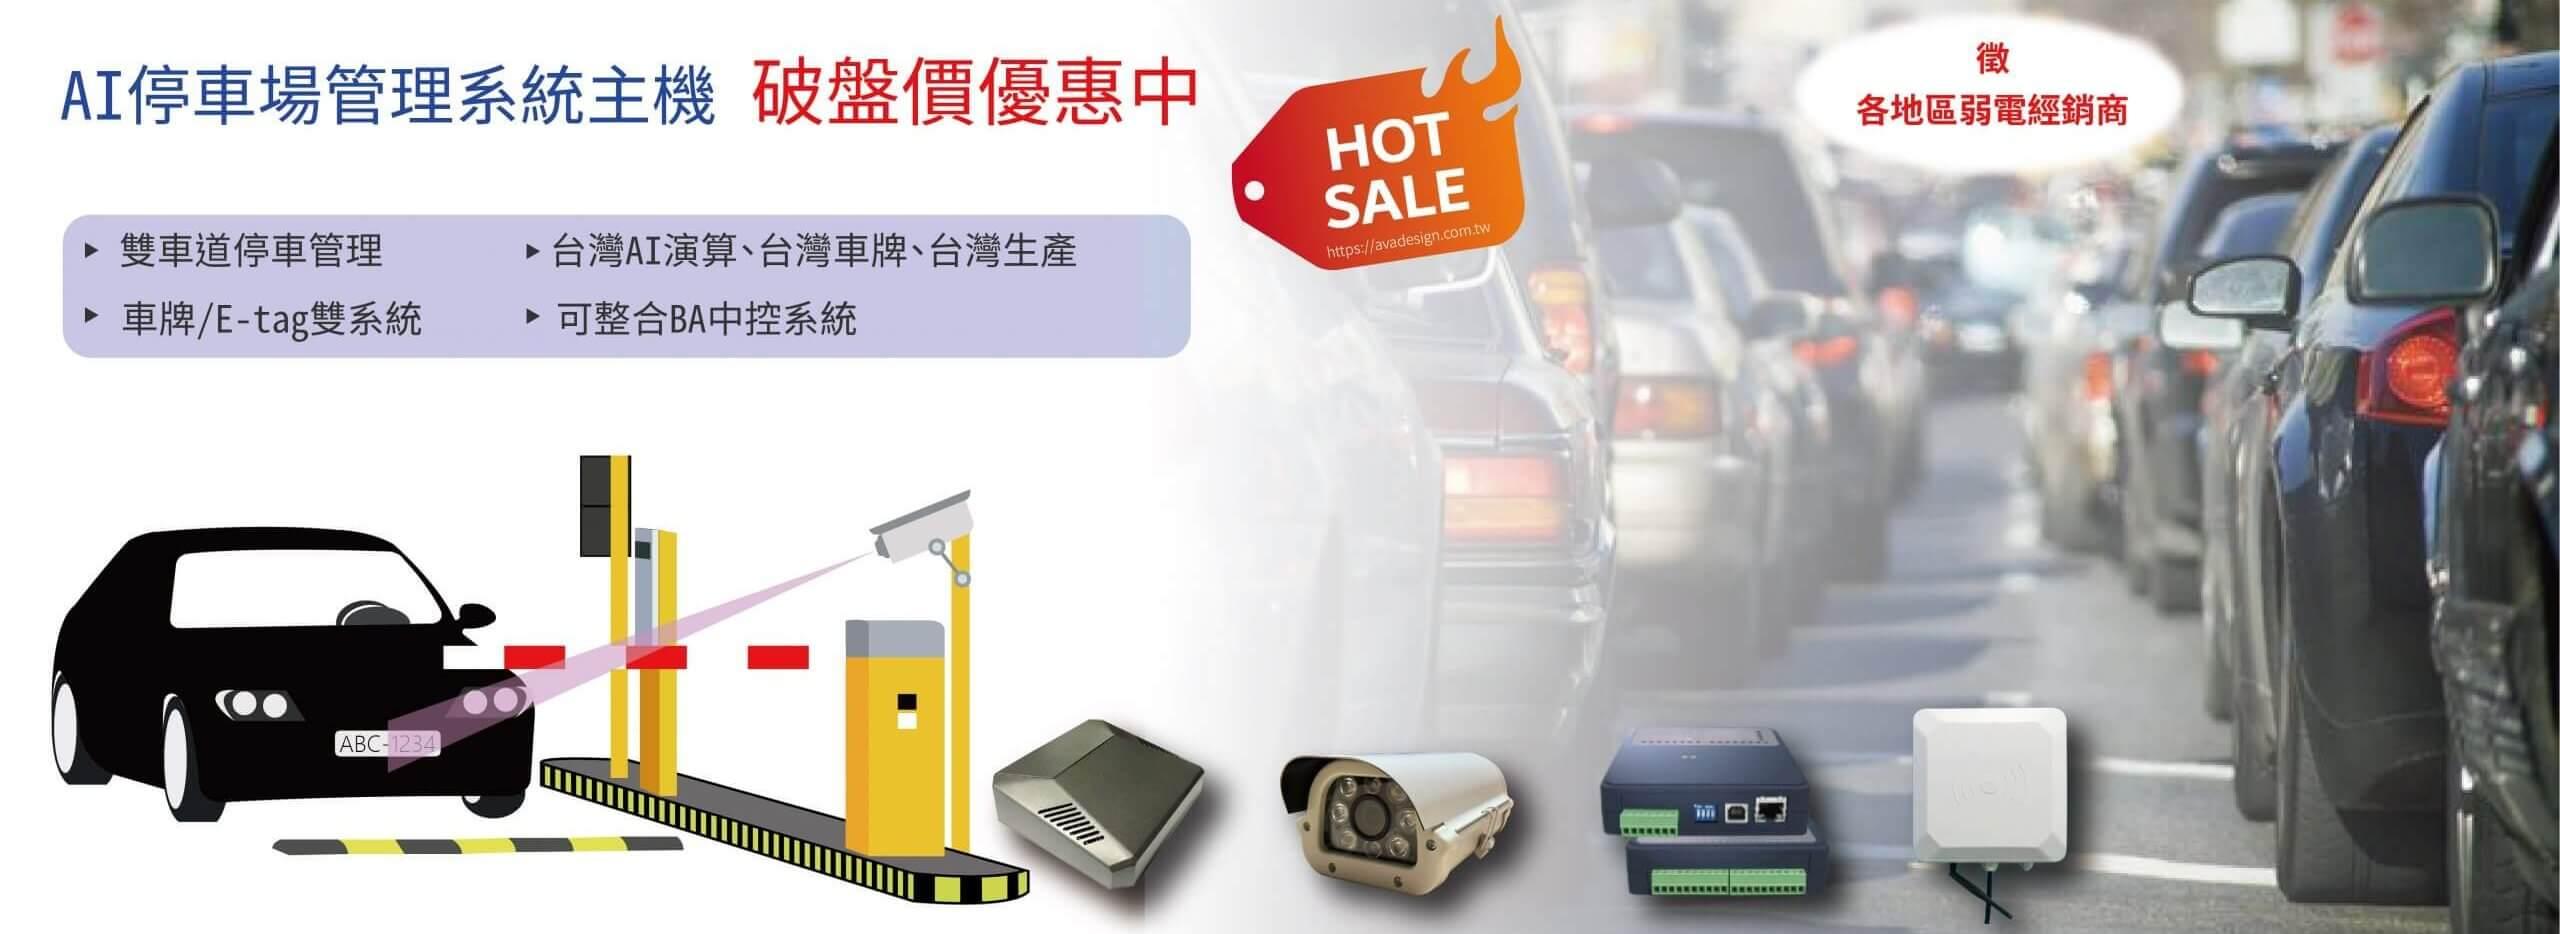 車道管理系統主機( eTag + 車牌辨識)